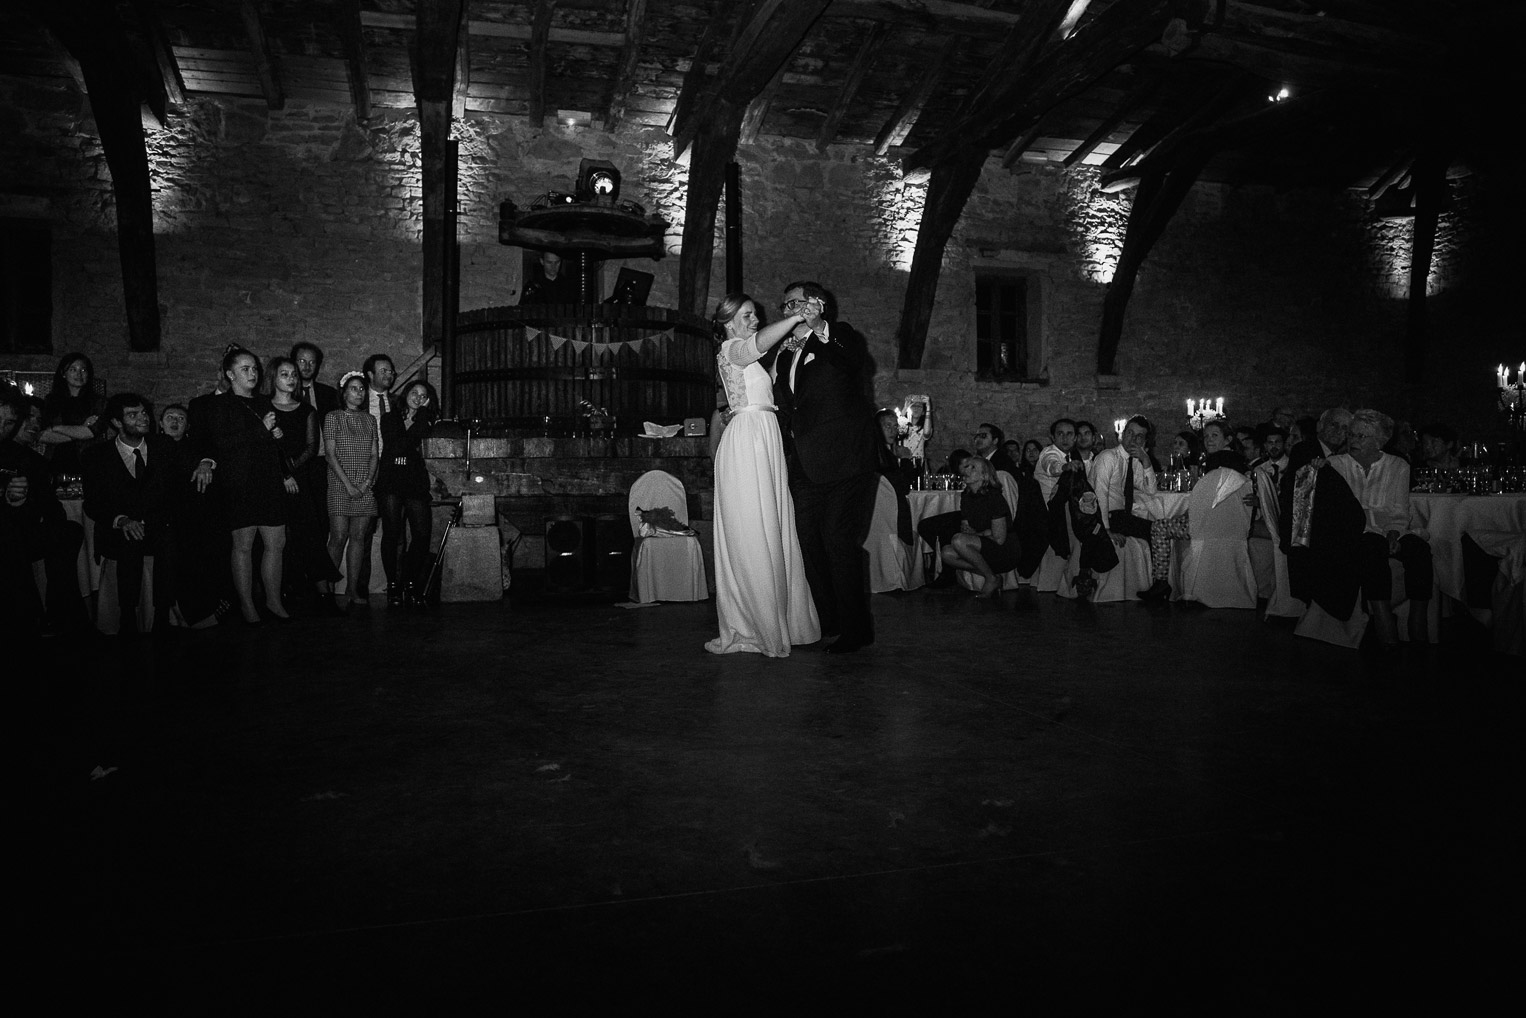 Reportage photo de mariage à Lyon - Manoir de la Garde. La mariée danse avec son papa